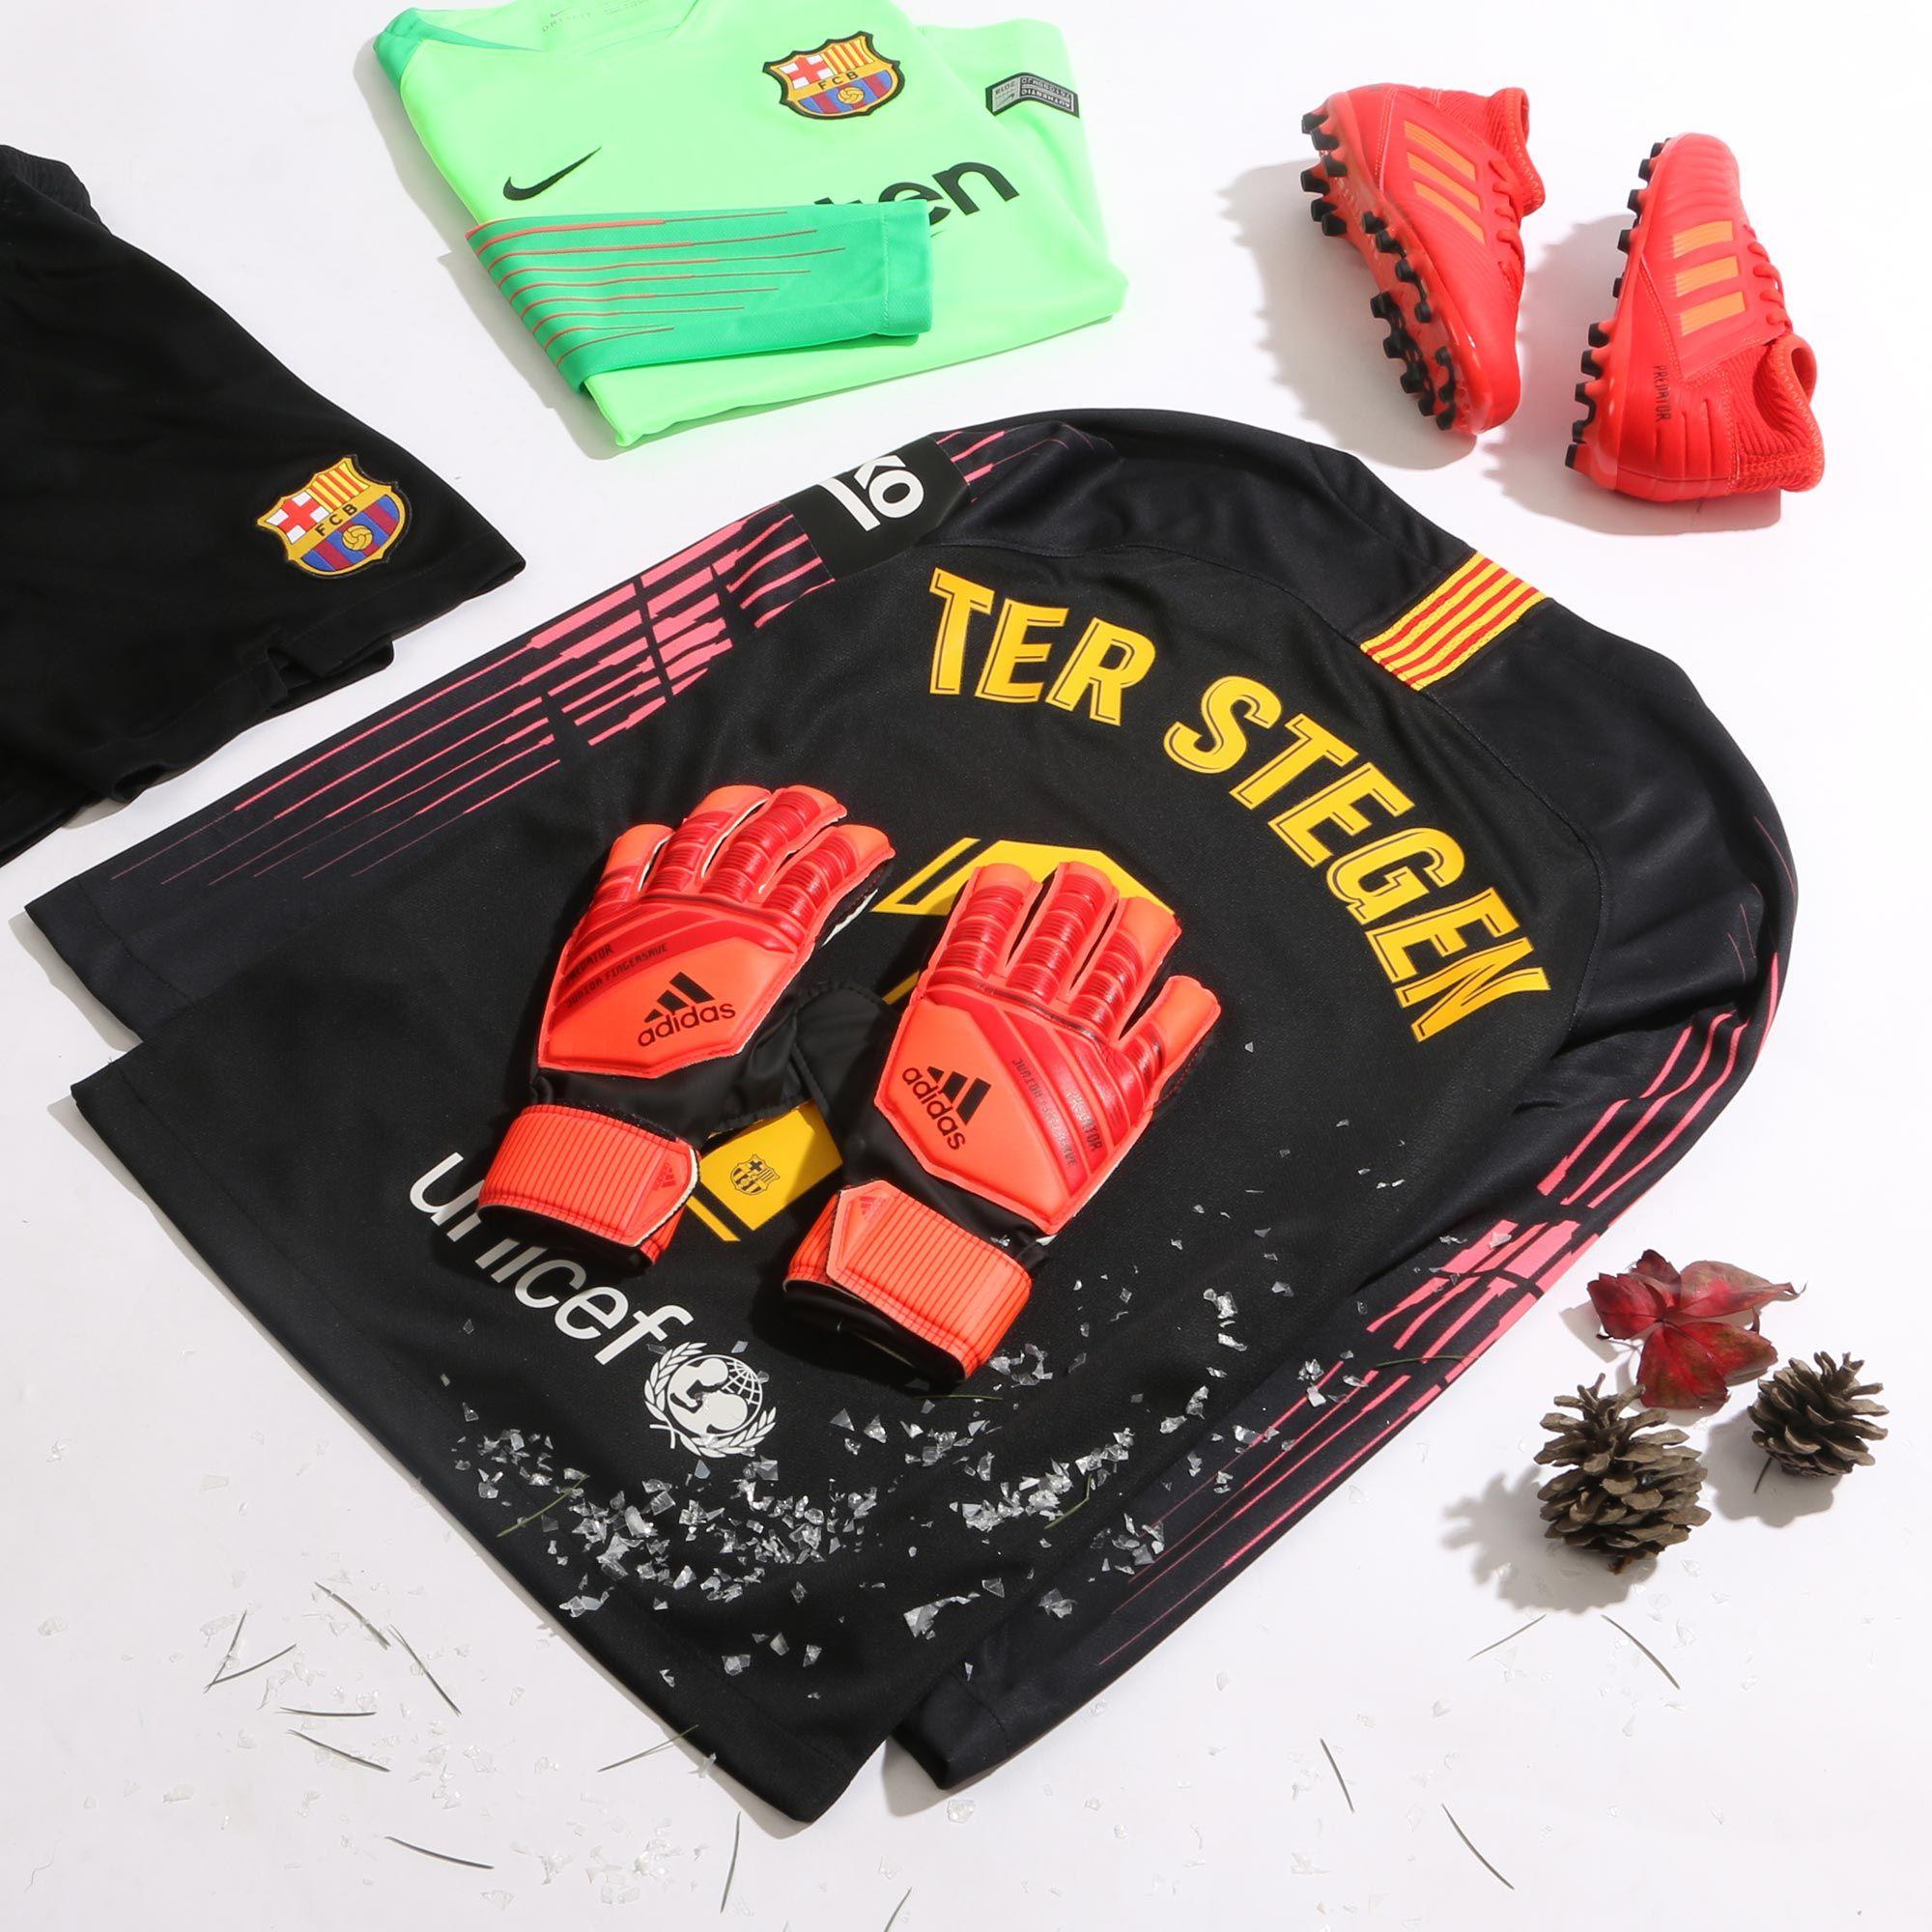 En cantidad Pebish carbohidrato  Ter Stegen niño | Fútbol de niños, Arquero de futbol, Fotografía de fútbol